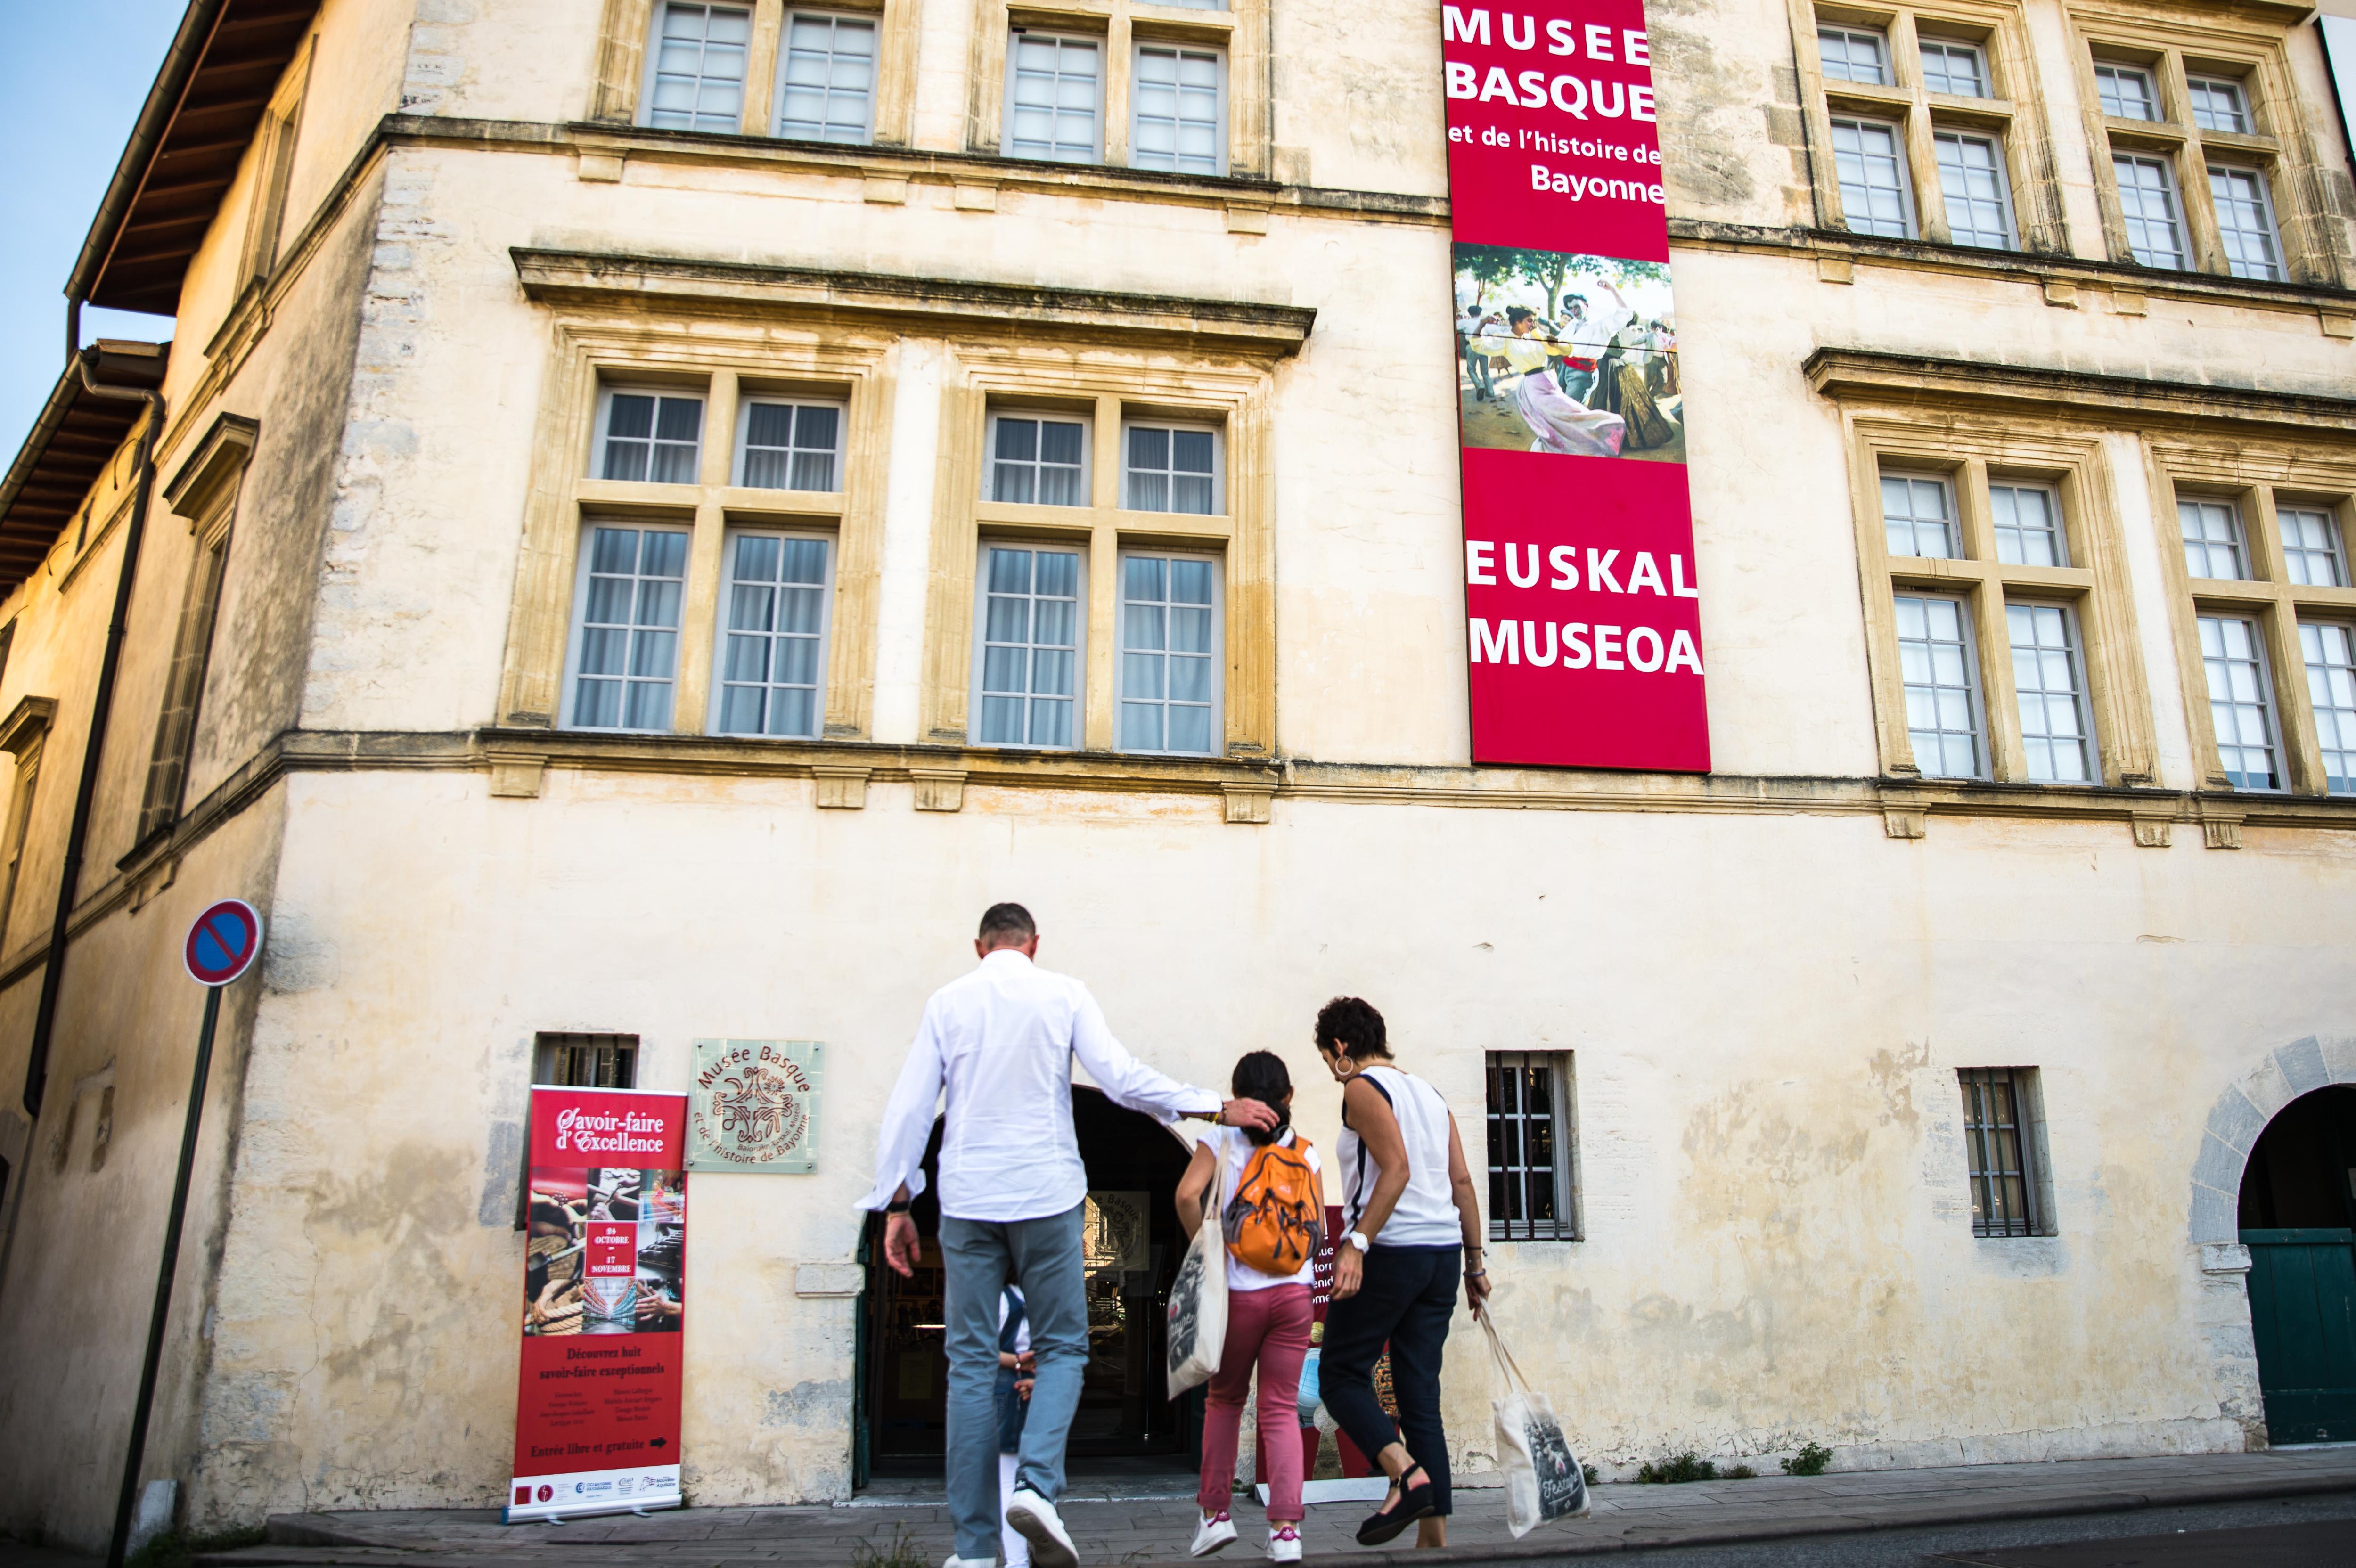 Musée Basque 1 MP